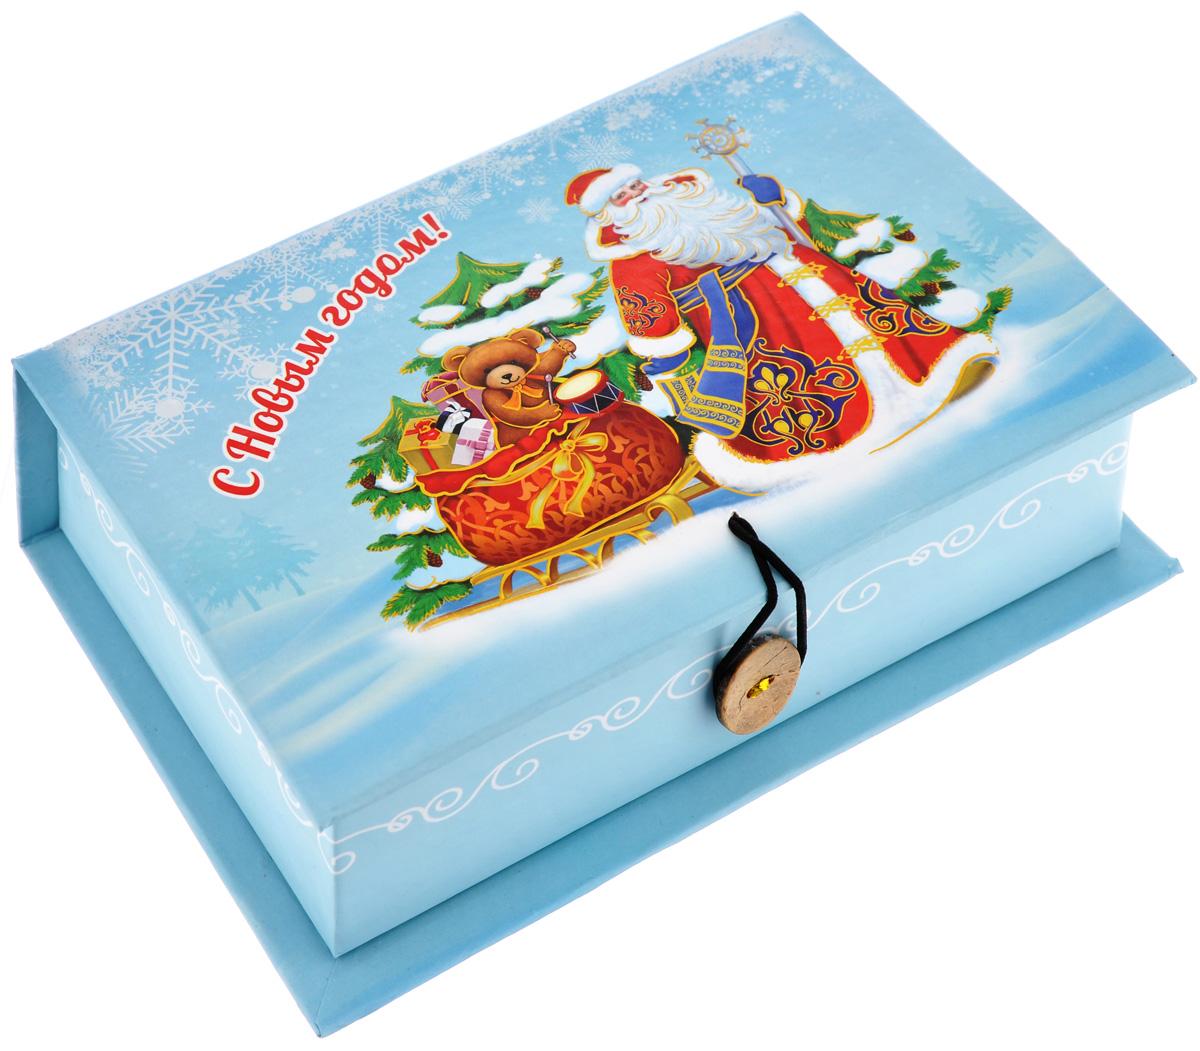 Подарочная коробка Феникс-Презент Дед Мороз и медвежонок, 18 см х 12 см х 5 см39265Подарочная коробка Феникс-Презент Дед Мороз и медвежонок выполнена из плотного картона. Крышка оформлена ярким изображением Деда Мороза с подарками. Коробка закрывается на пуговицу. Подарочная коробка - это наилучшее решение, если вы хотите порадовать ваших близких и создать праздничное настроение, ведь подарок, преподнесенный в оригинальной упаковке, всегда будет самым эффектным и запоминающимся. Окружите близких людей вниманием и заботой, вручив презент в нарядном, праздничном оформлении.